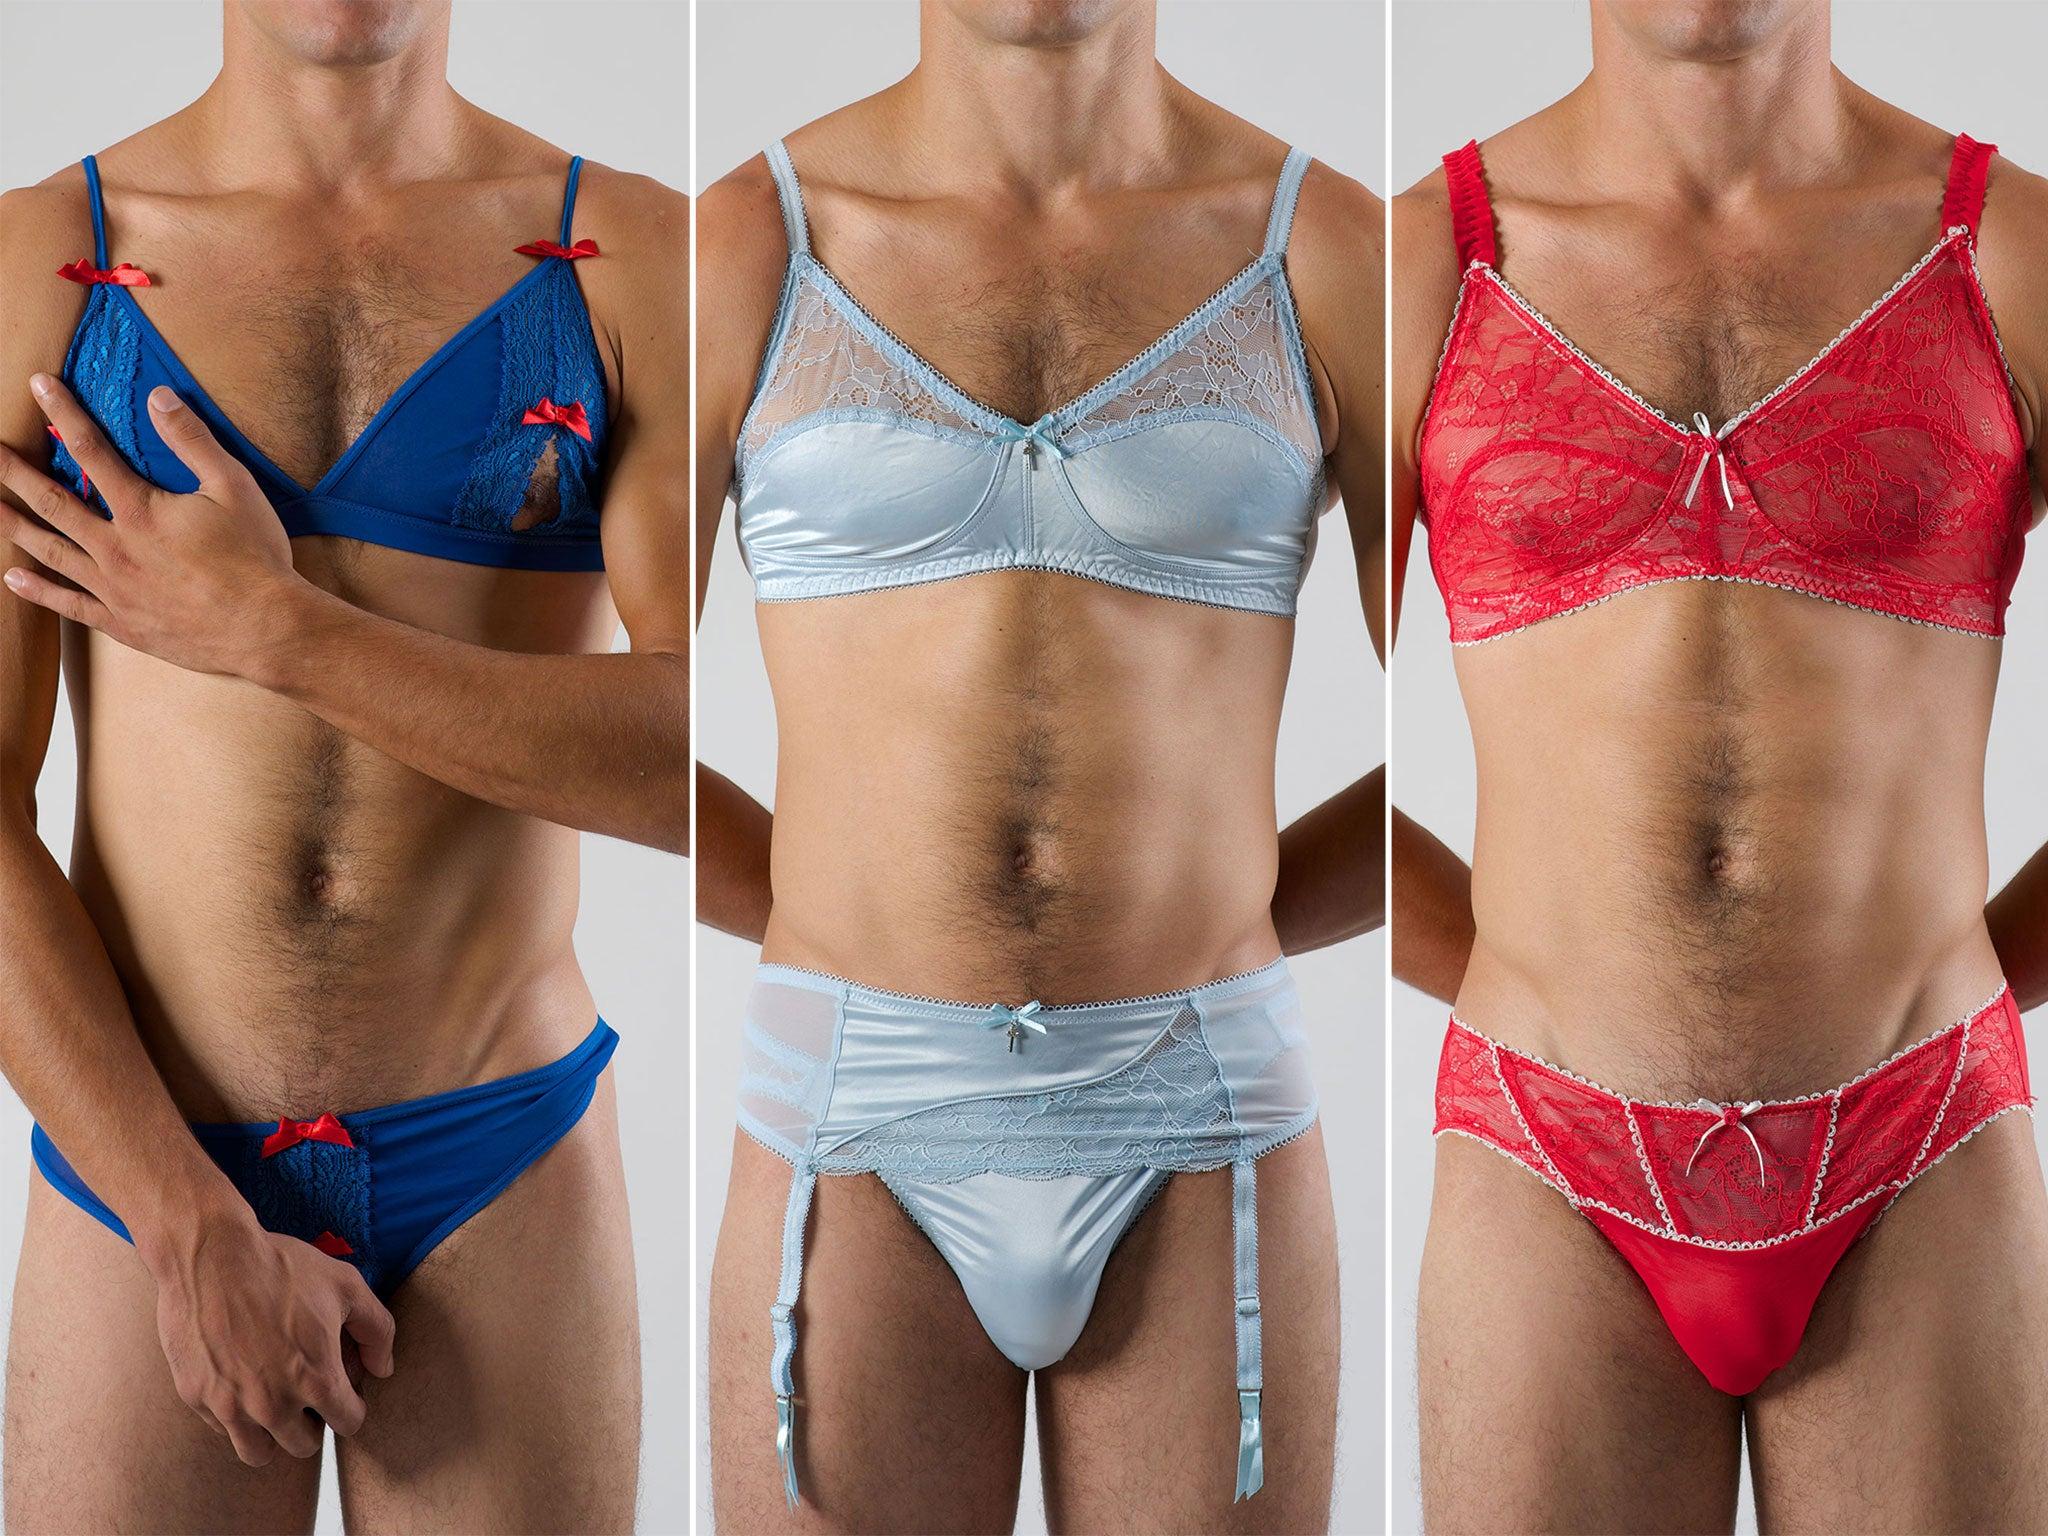 Фото мужчин одетых в женское белье 12 фотография